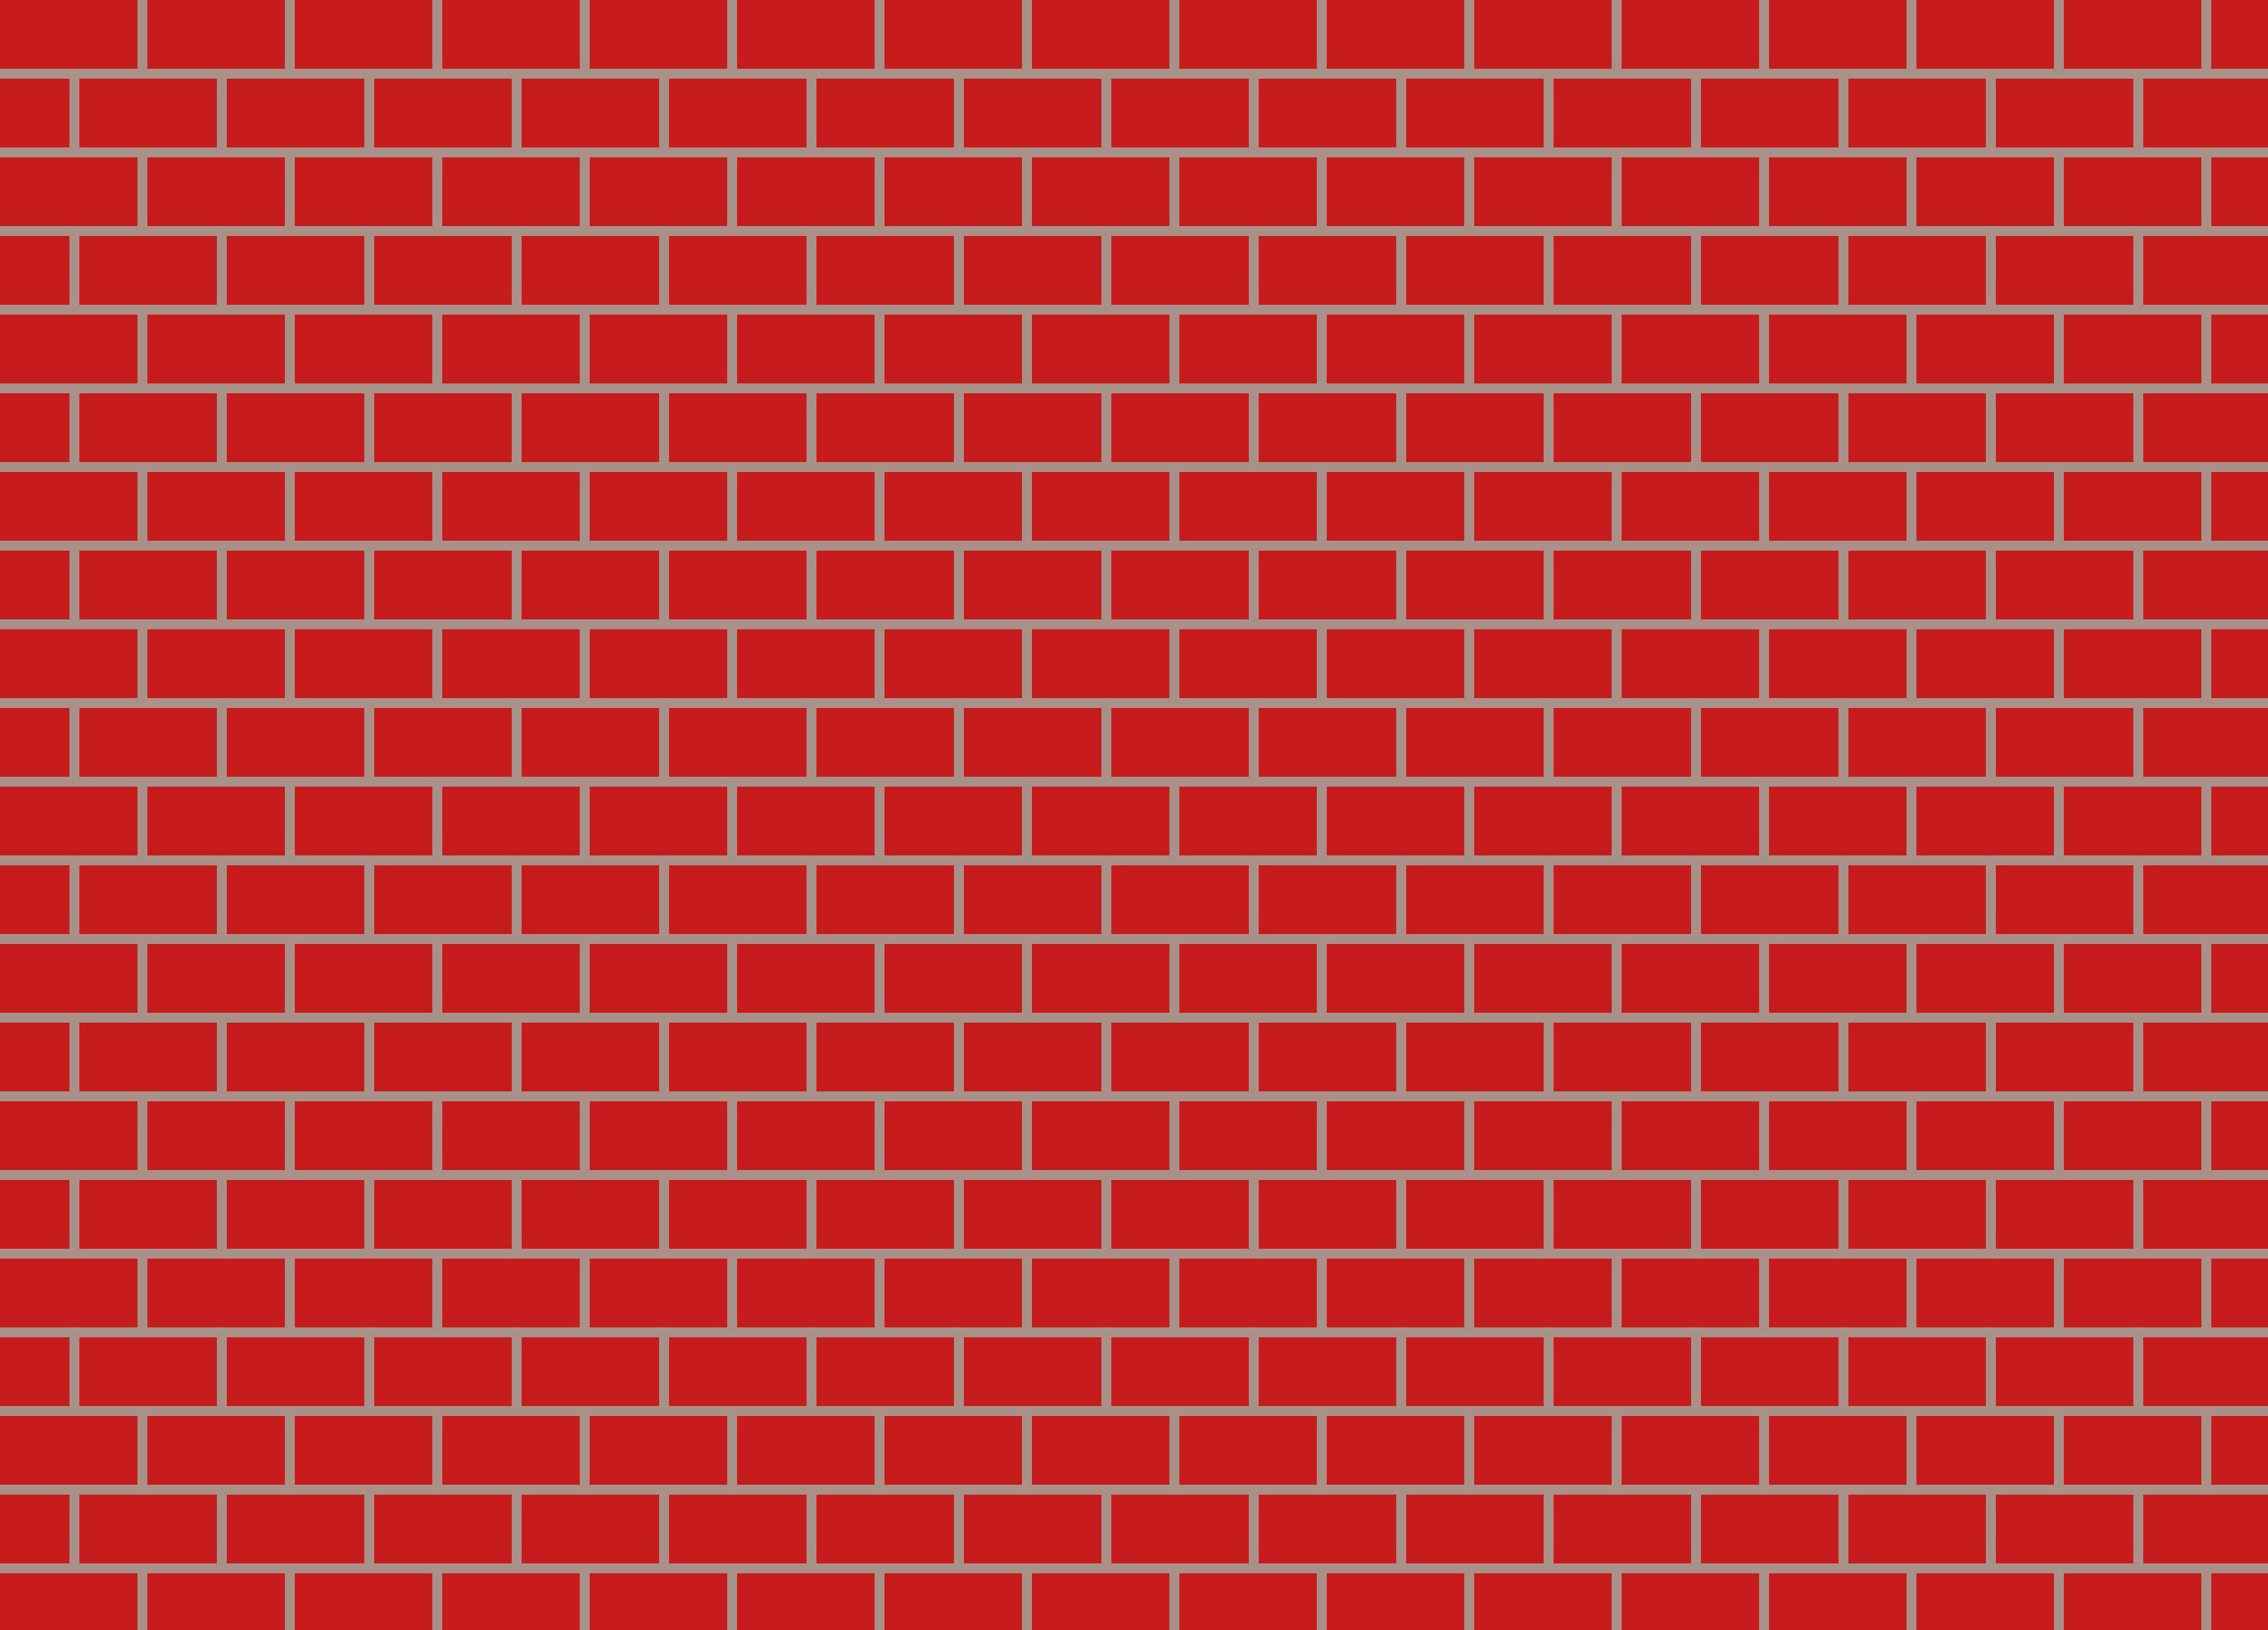 13926479441800509229brick Wall004 Jpg 3200 2300 Brick Wallpaper Brick Pattern Wallpaper Red Brick Walls